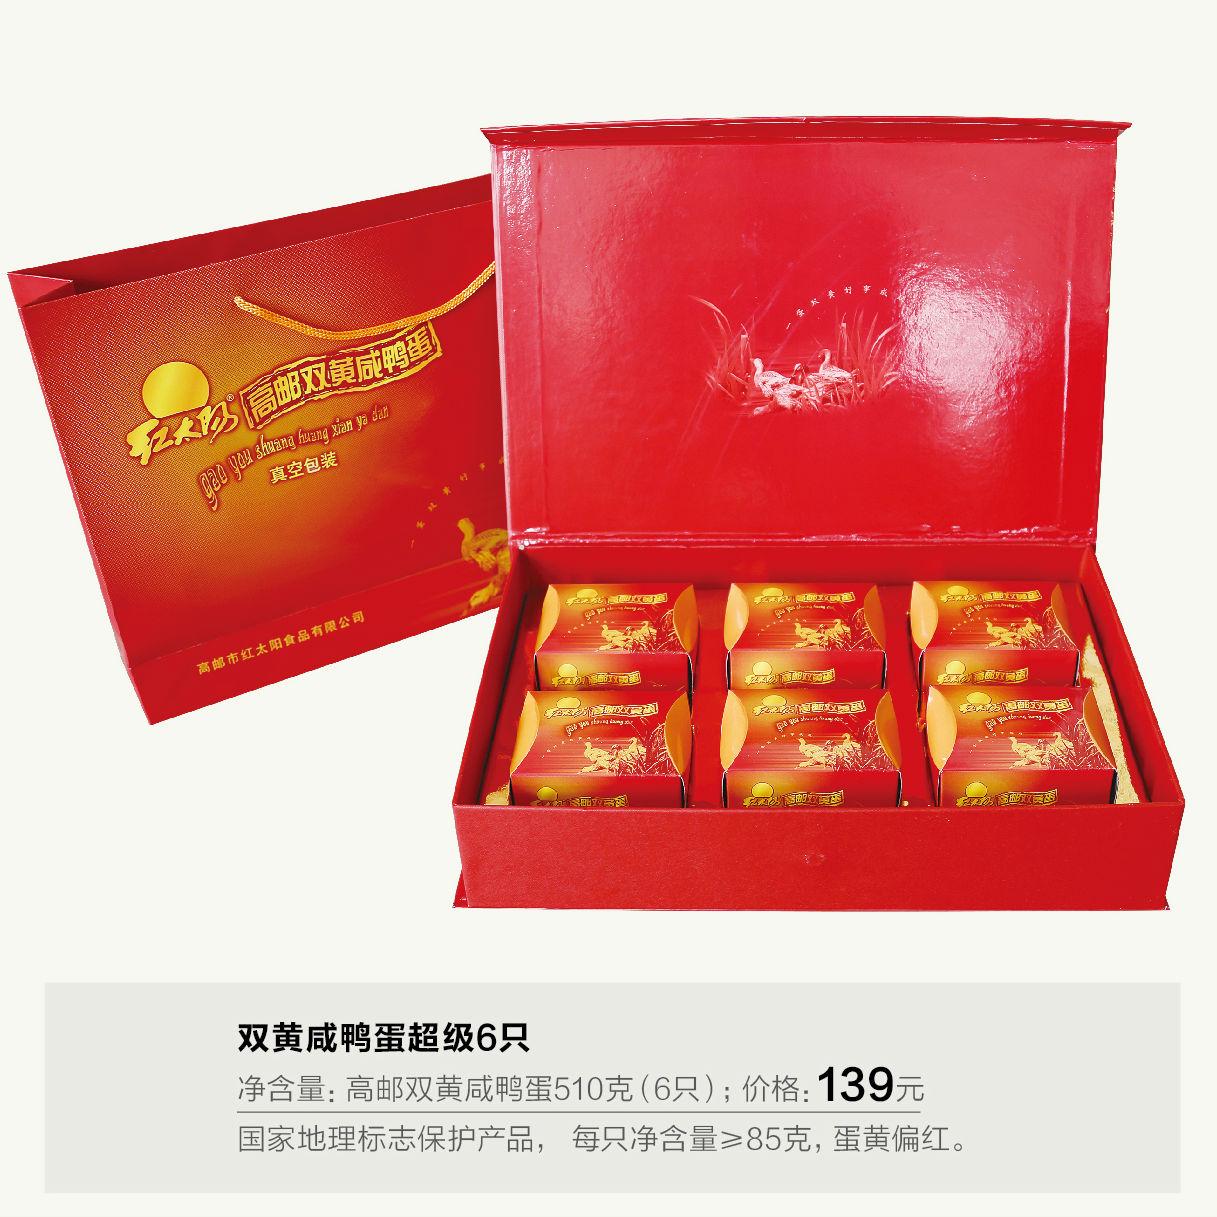 鸿胜guo际平台高邮shuang黄蛋/礼盒/6只 chao级jing品 tuangou|中高端